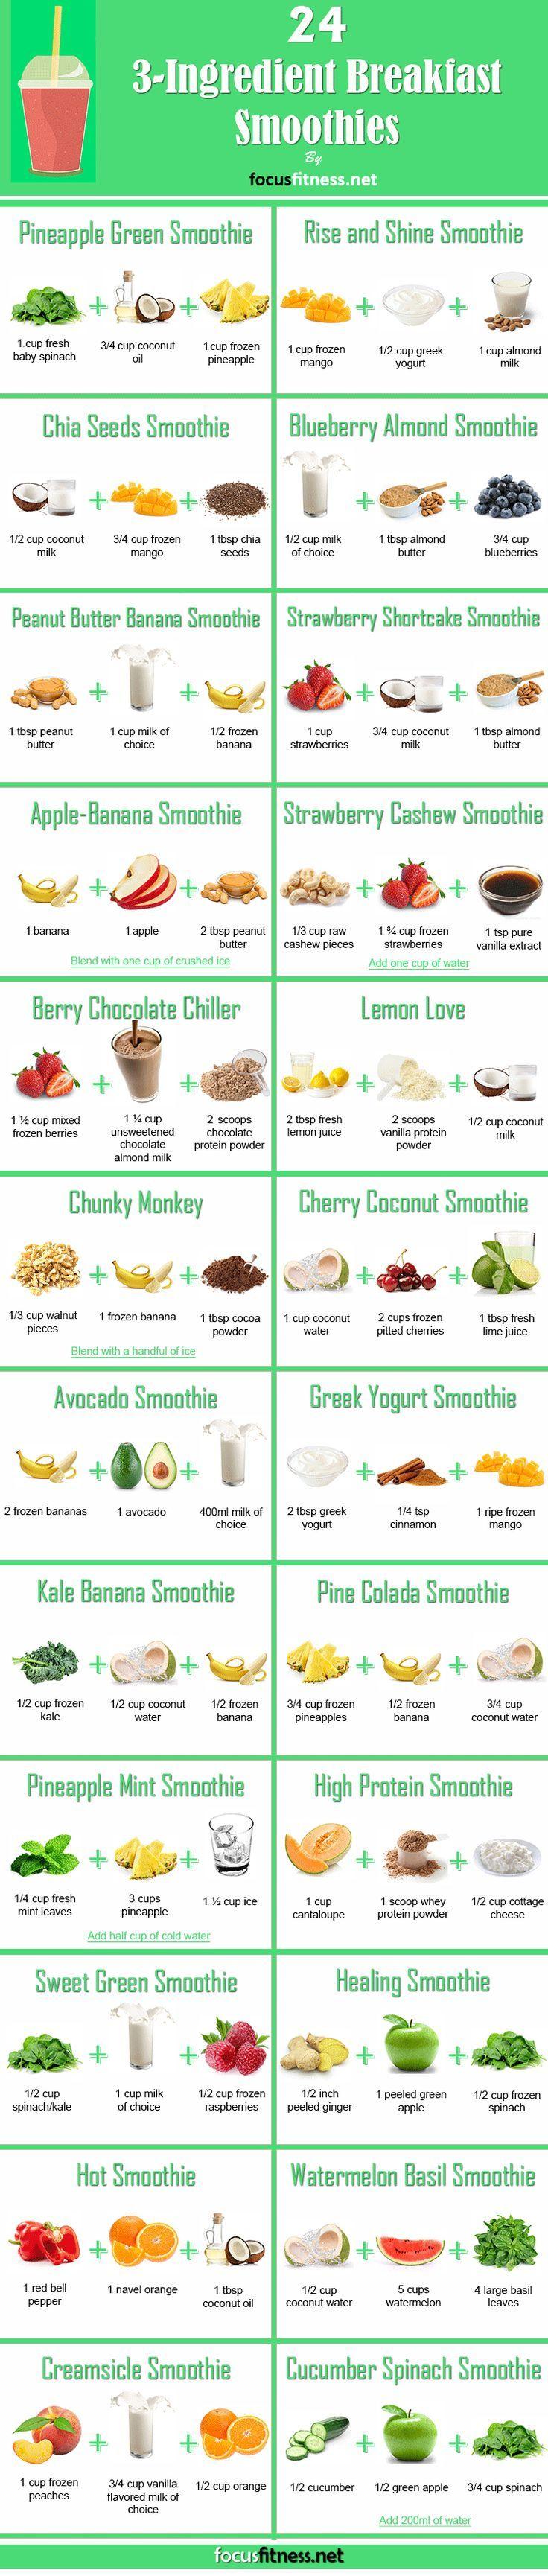 24 3-Zutaten-Frühstückssmoothies zur Gewichtsreduktion  #fruhstuckssmoothies #…